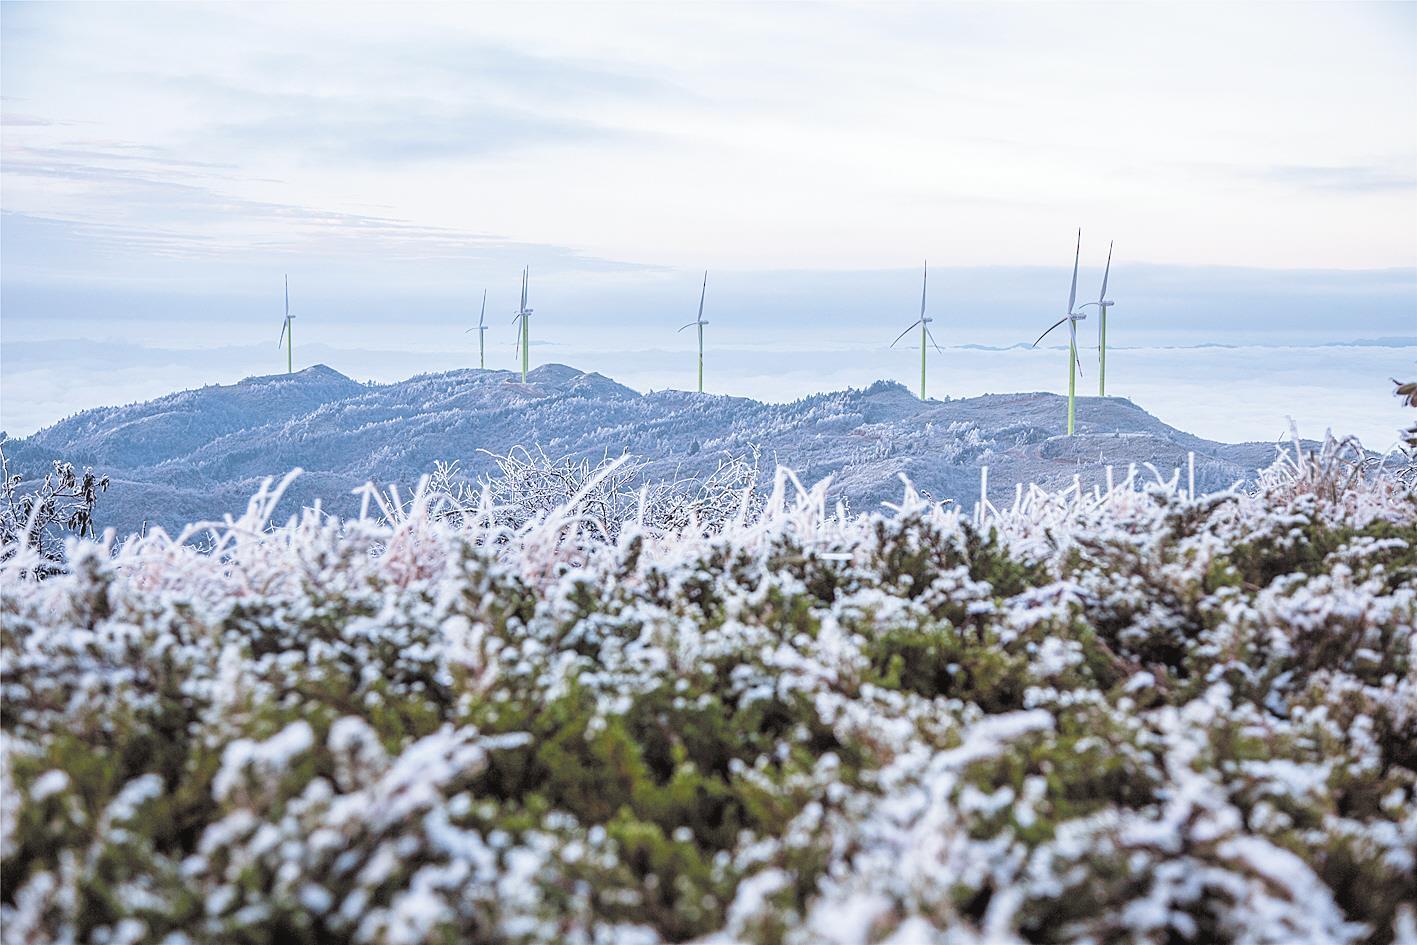 利川麻山冬日风光美